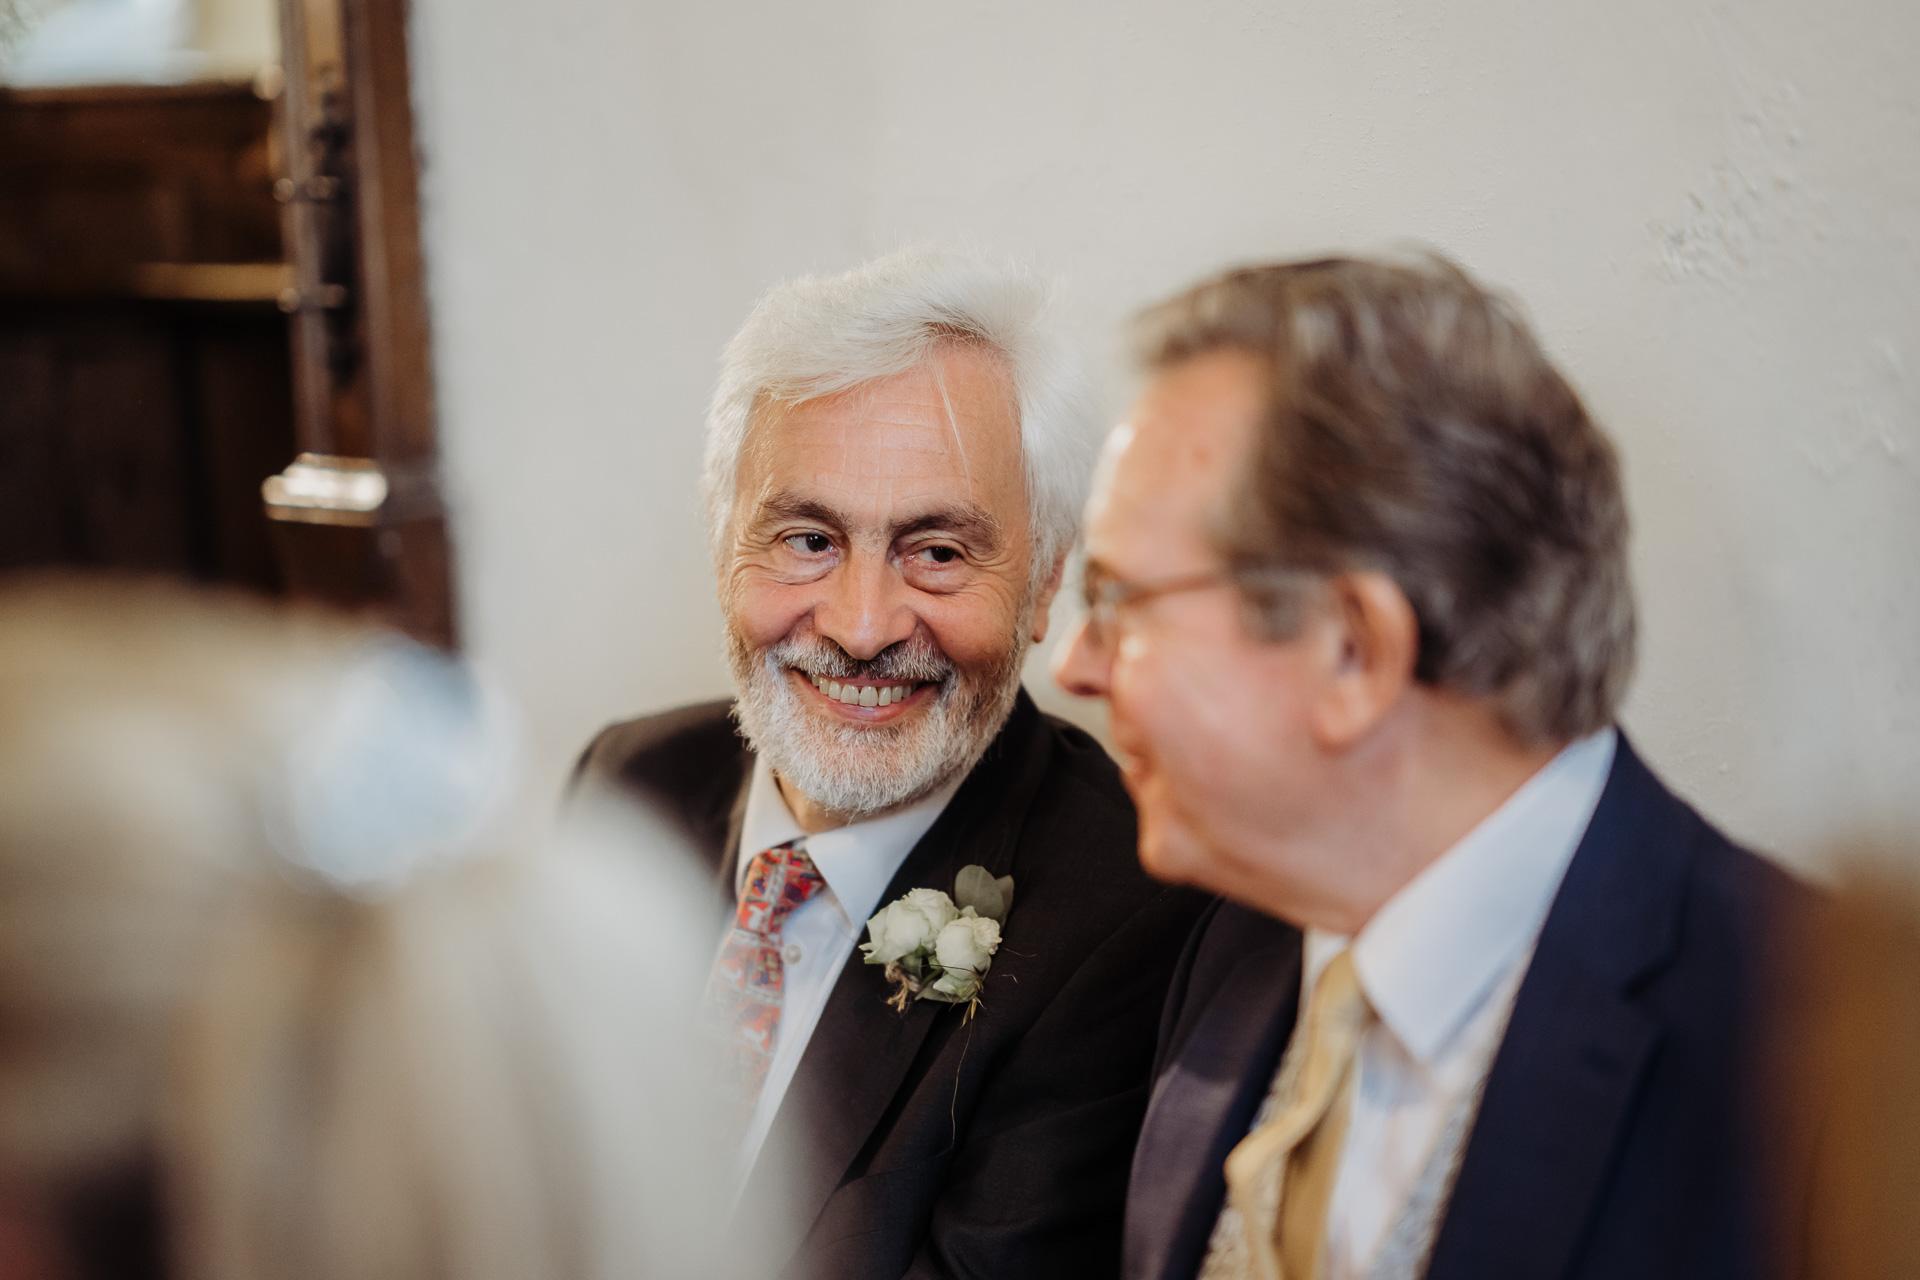 huntsham-court-wedding-photographer-024